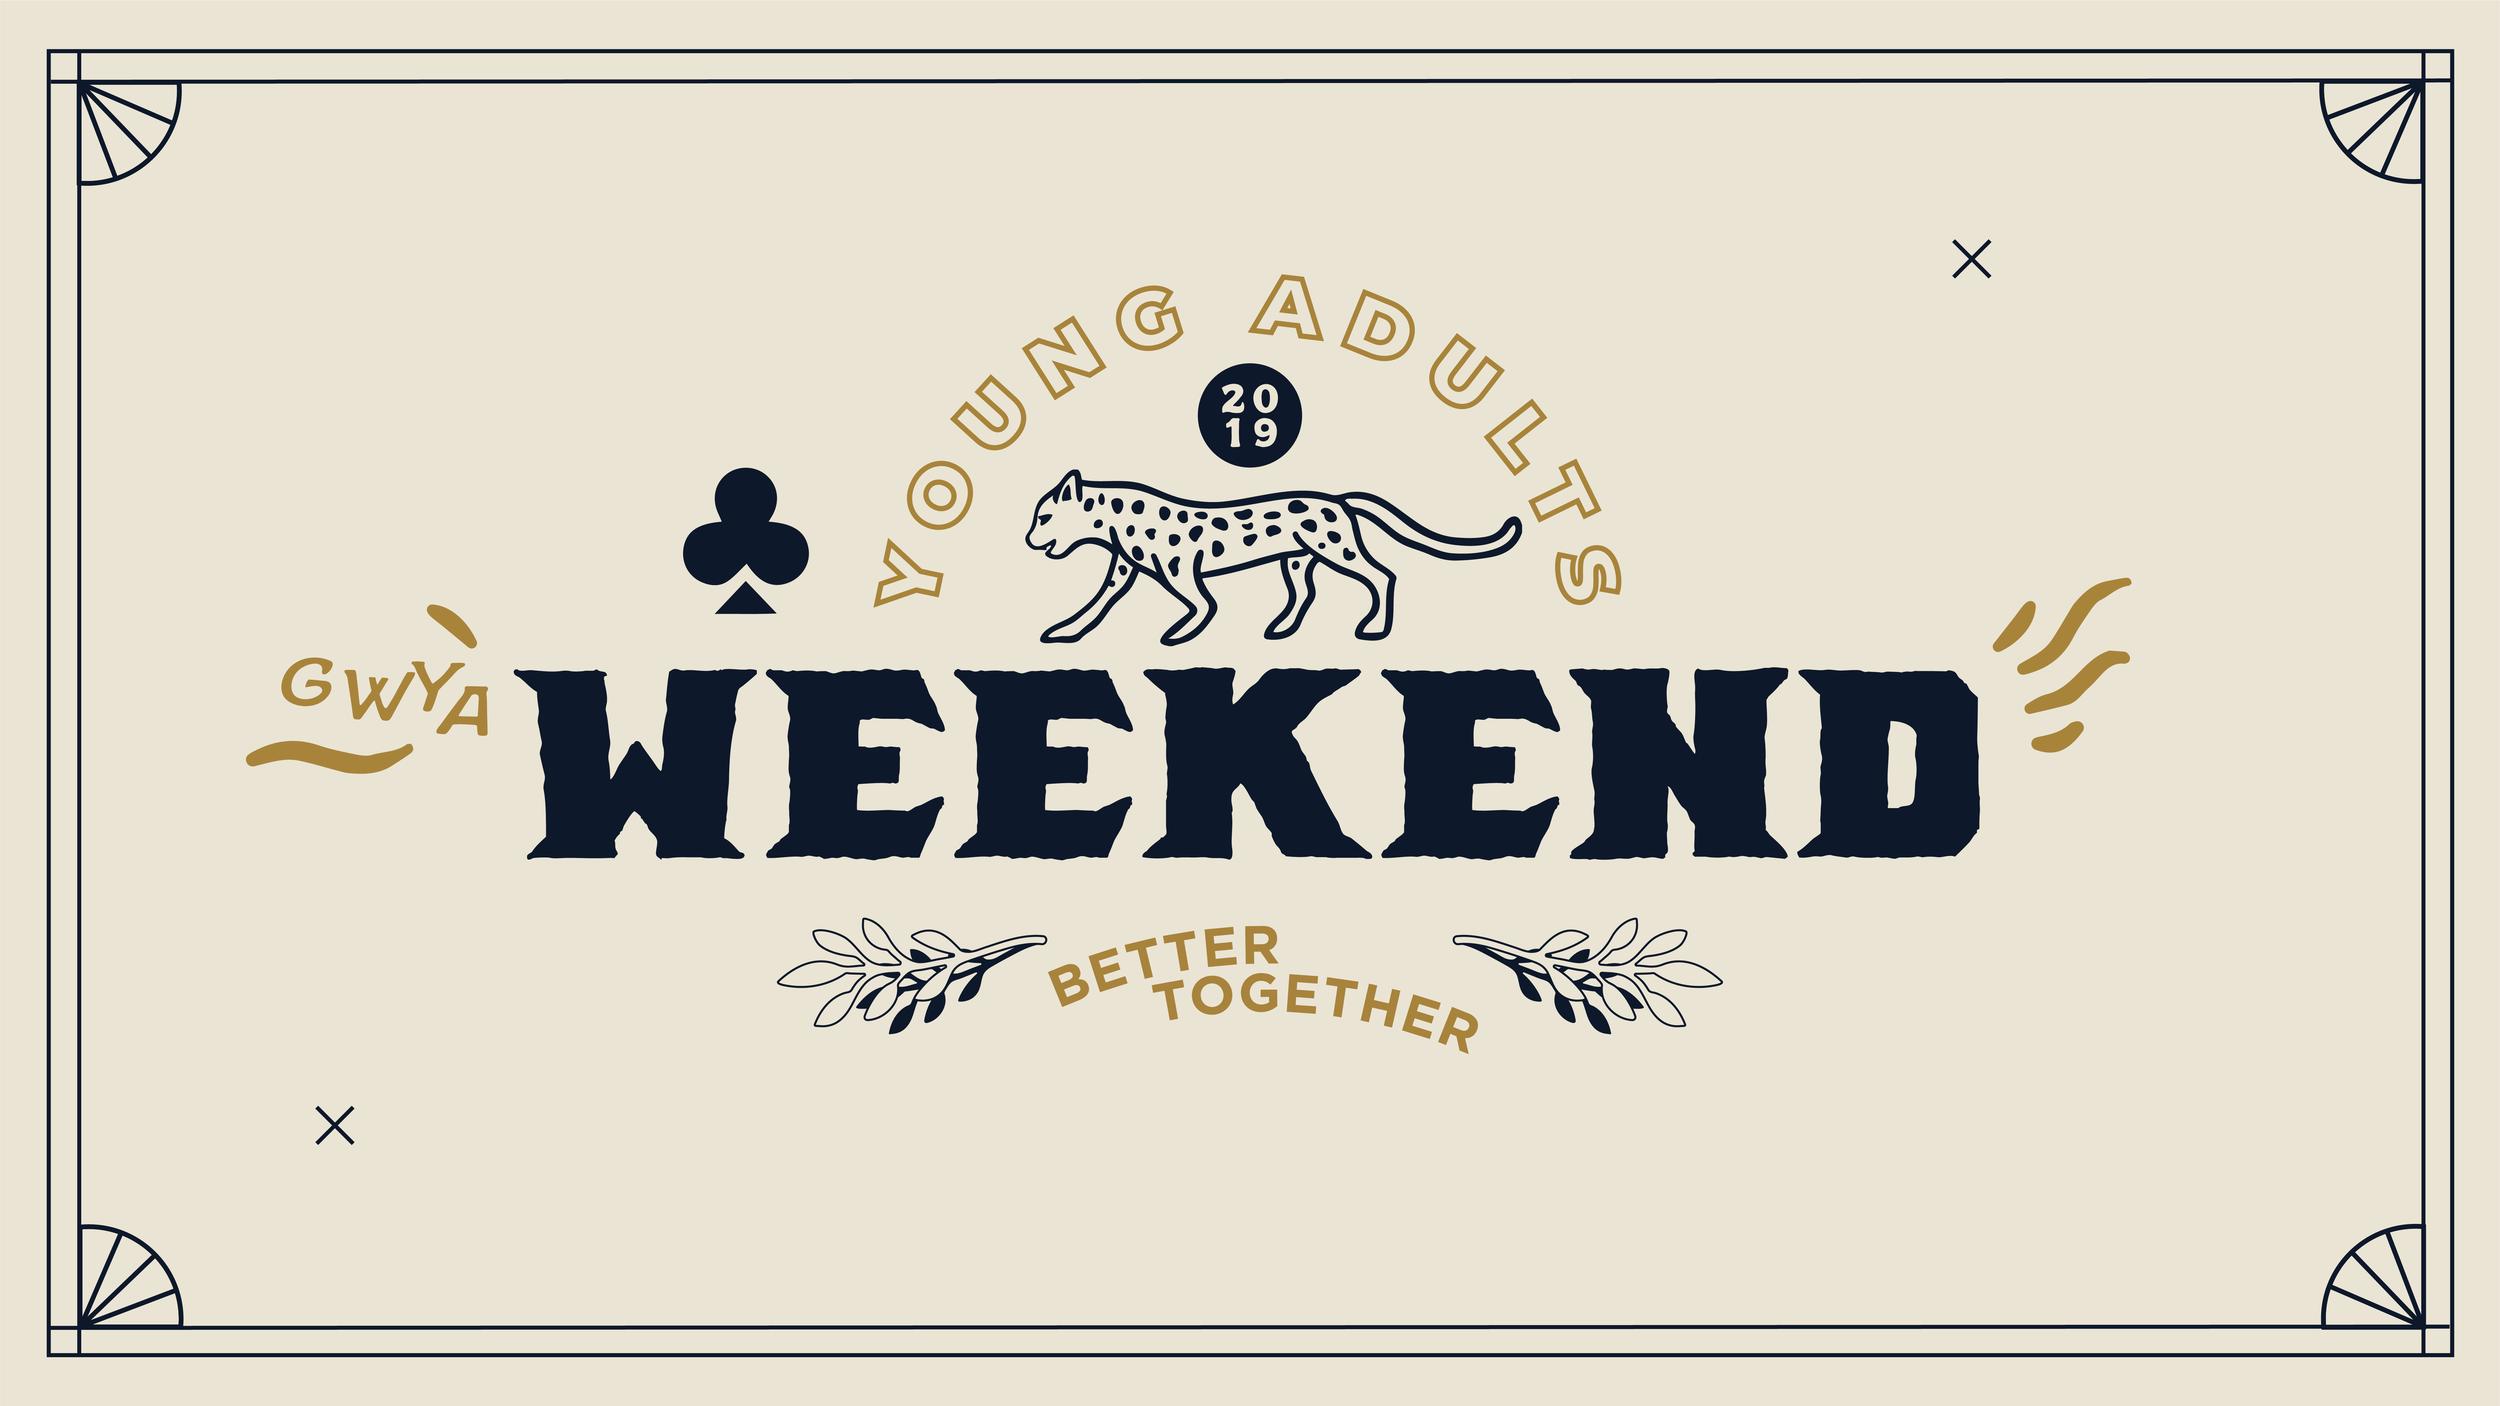 YA_Weekend_v2_Better Together copy 3.png